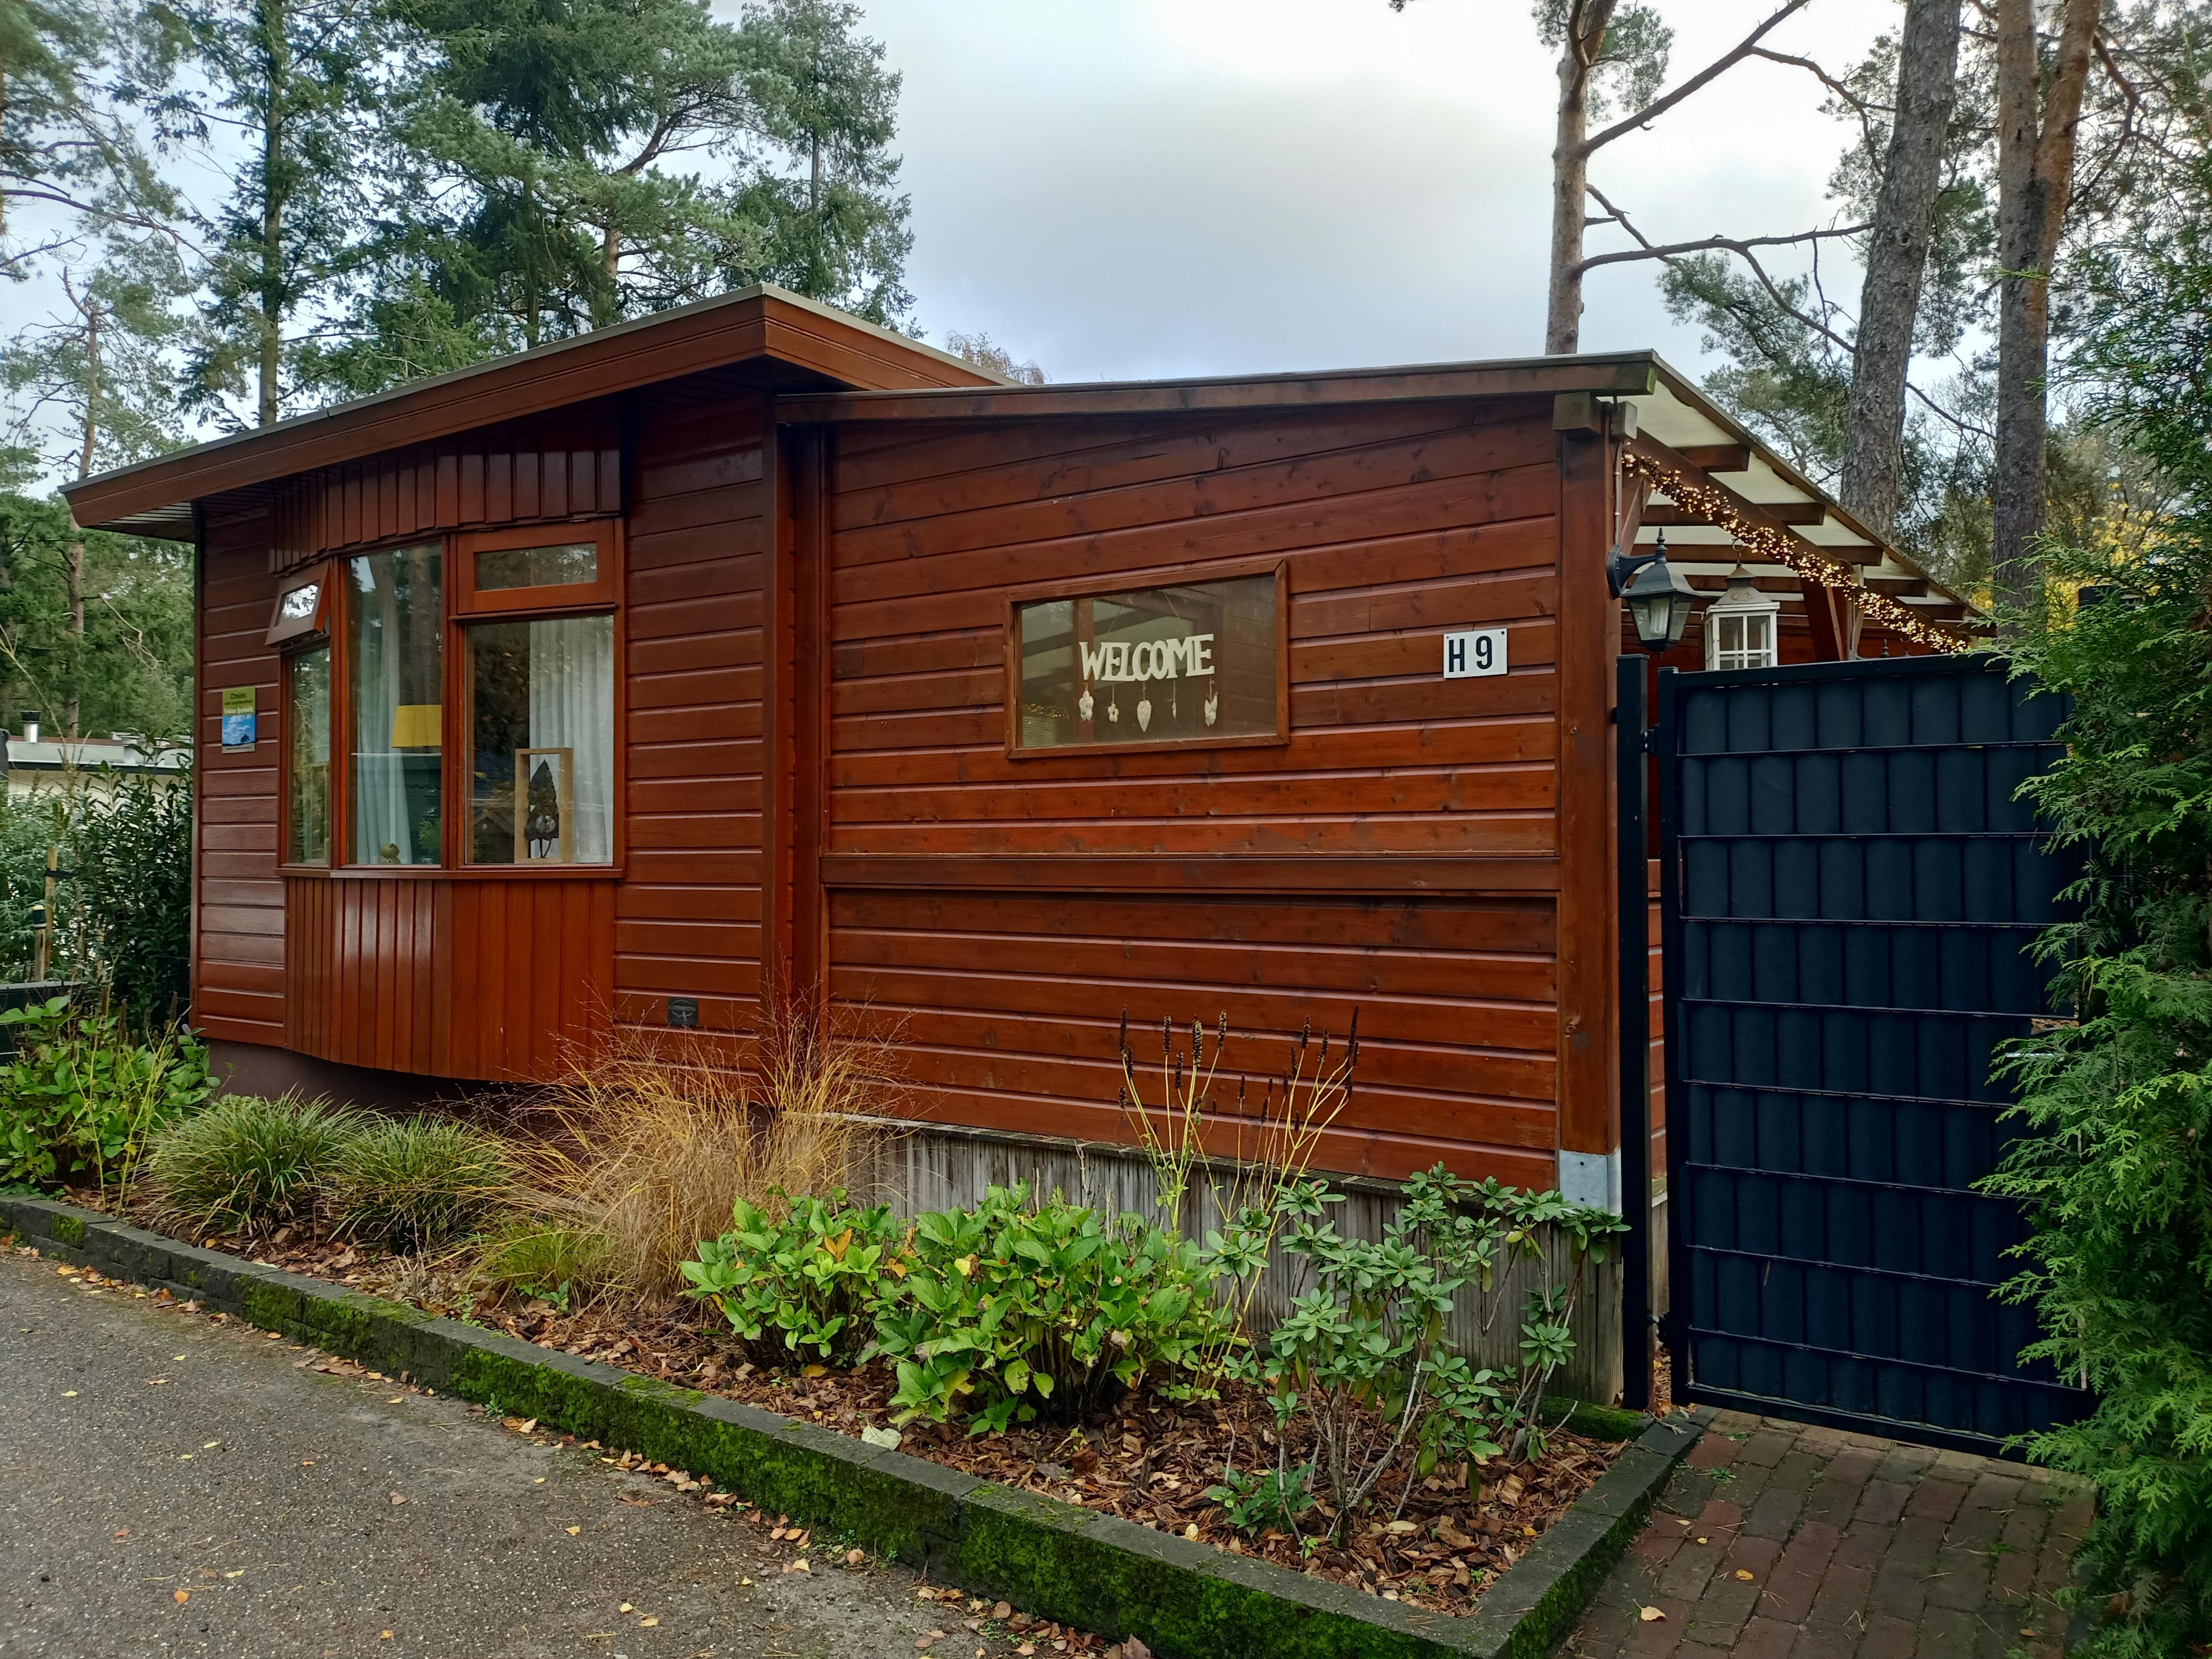 Vakantiehuisje in Doornspijk op Bospark met veranda en omheinde tuin